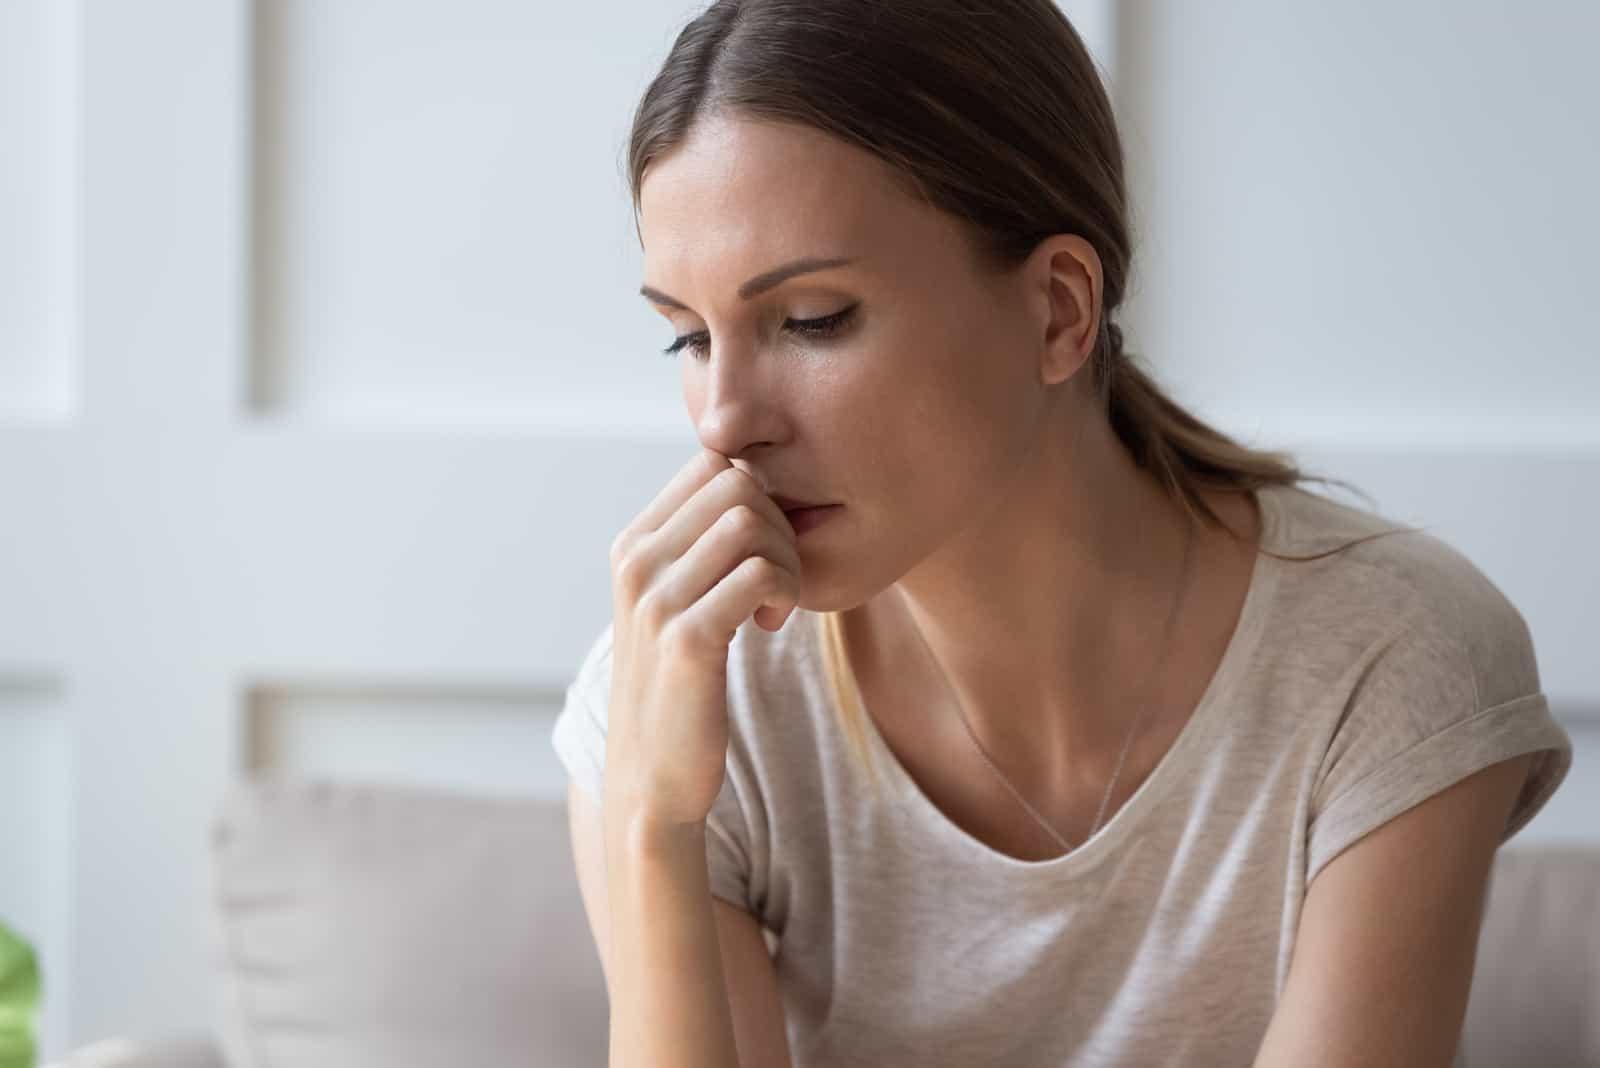 femme assise seule en pensant aux relations problèmes personnels